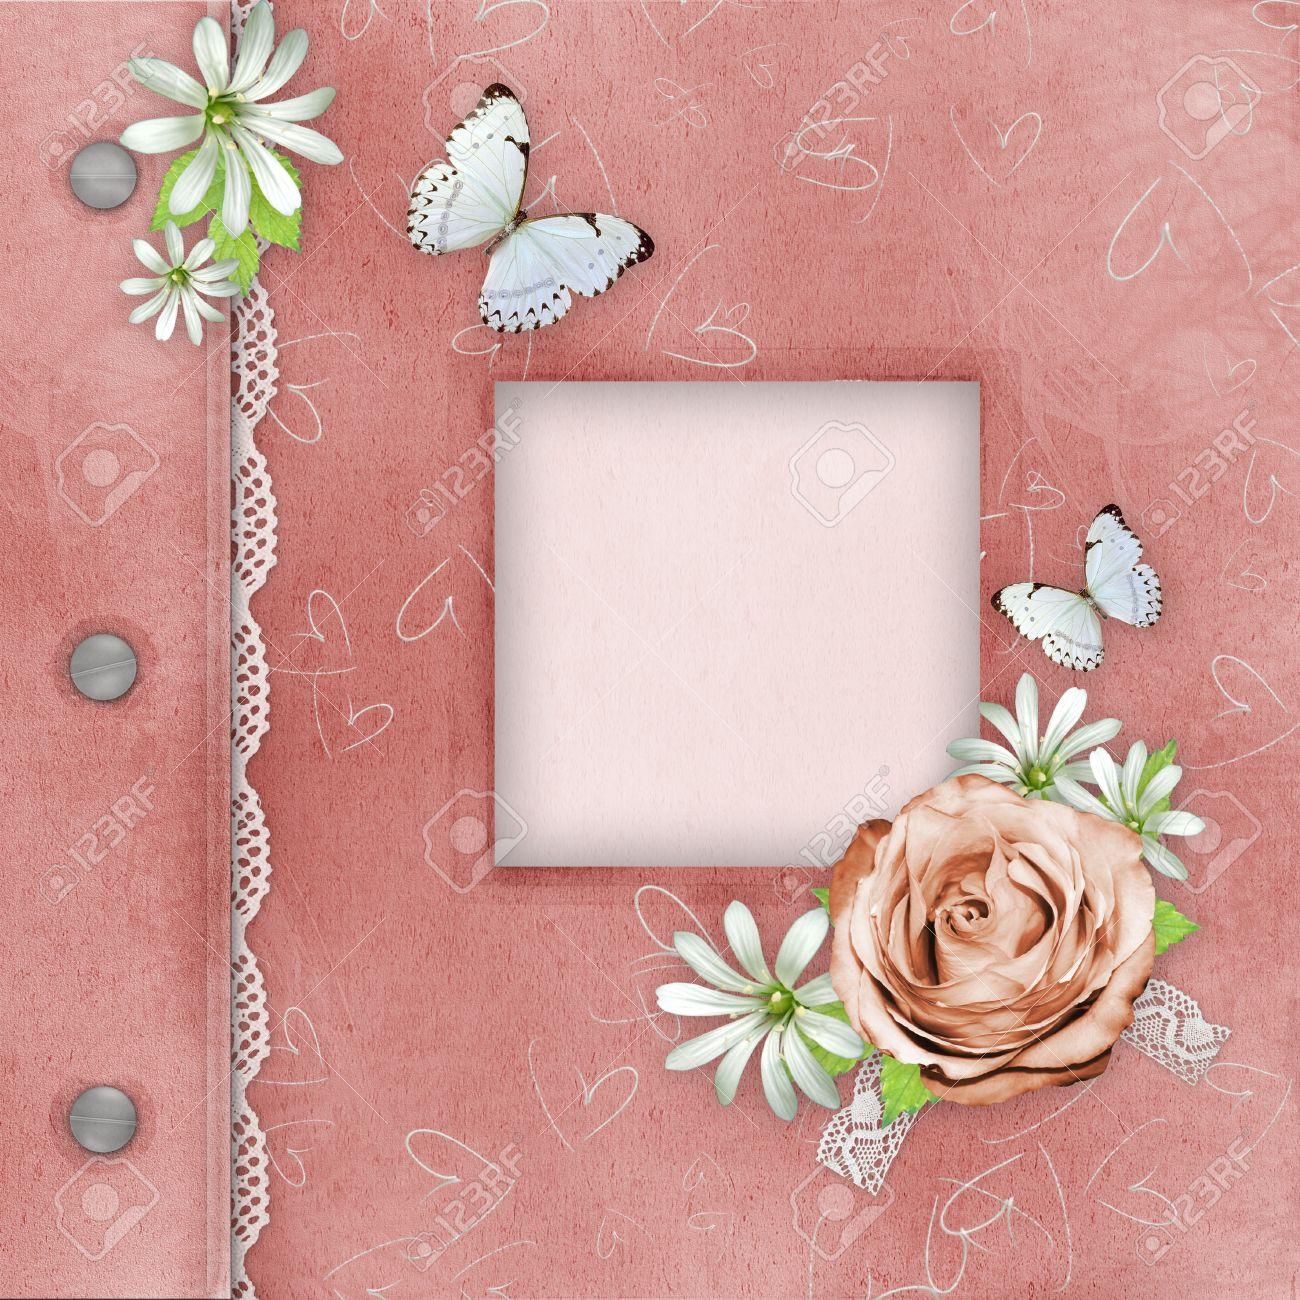 Cover Of Pink Album Mit Rahmen Für Foto Lizenzfreie Fotos, Bilder ...